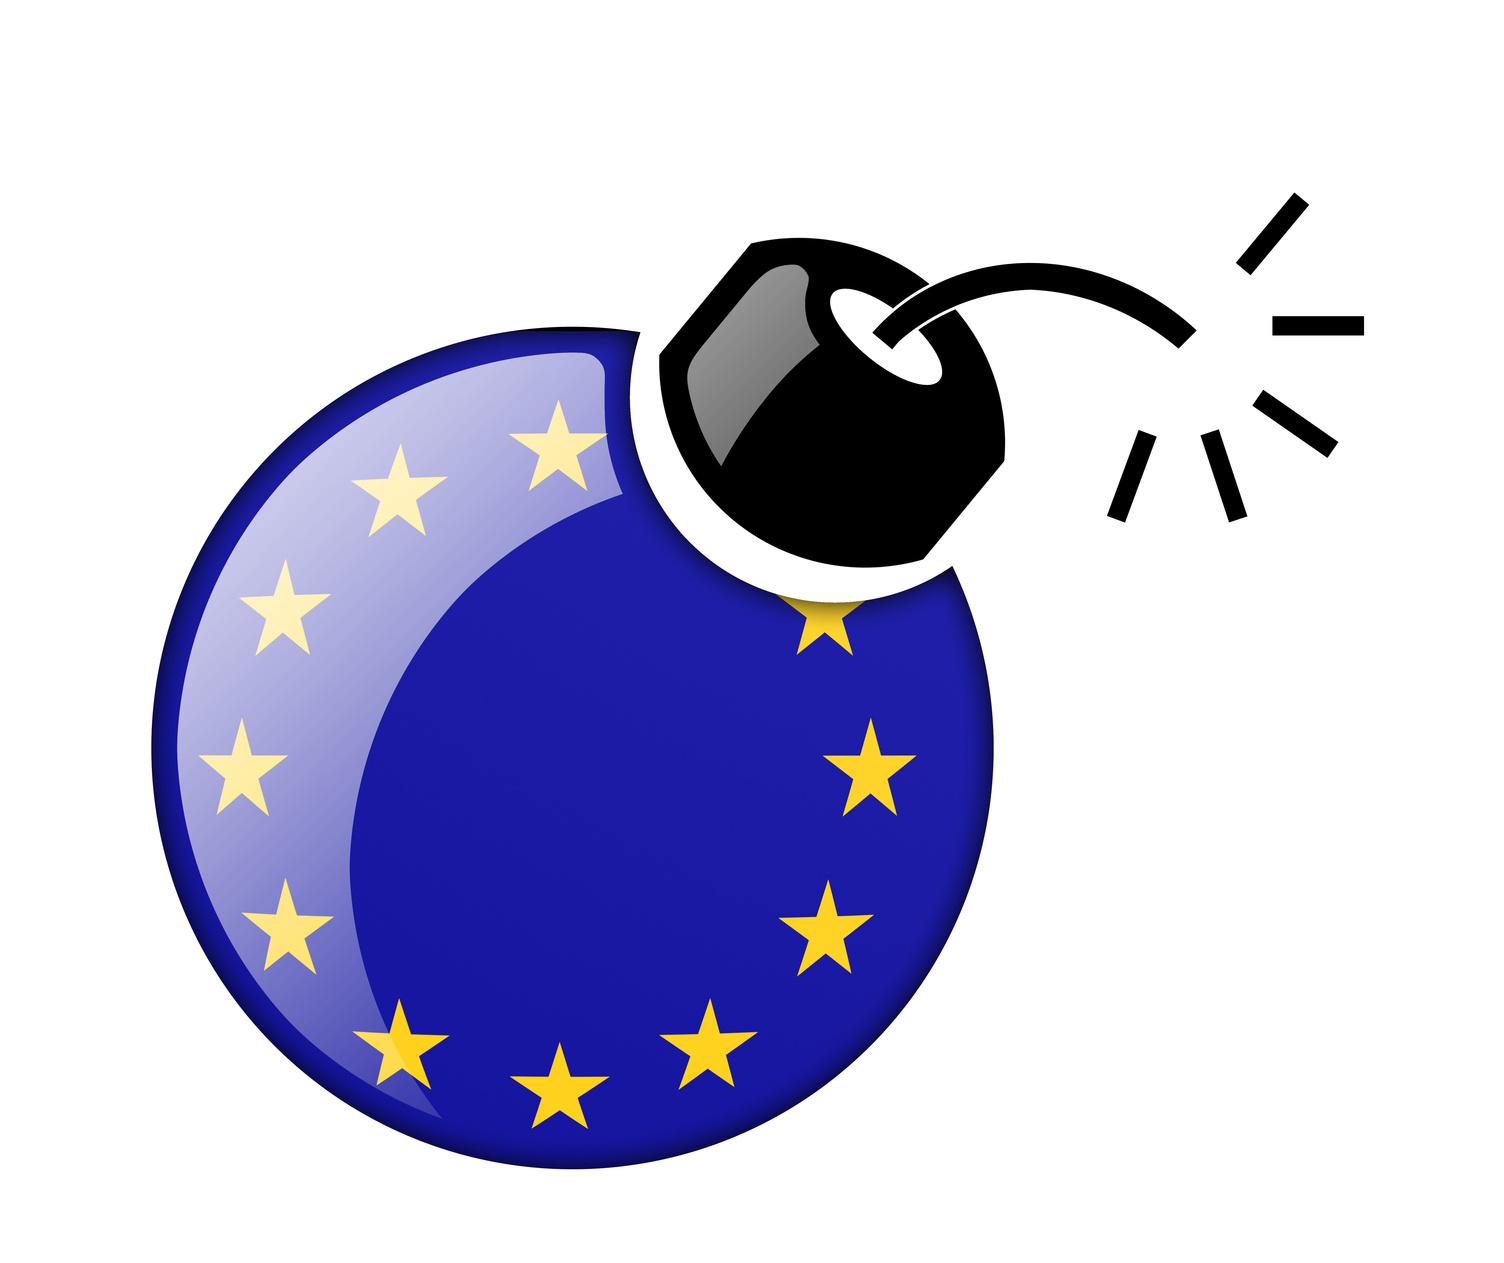 euro zone time bomb russia